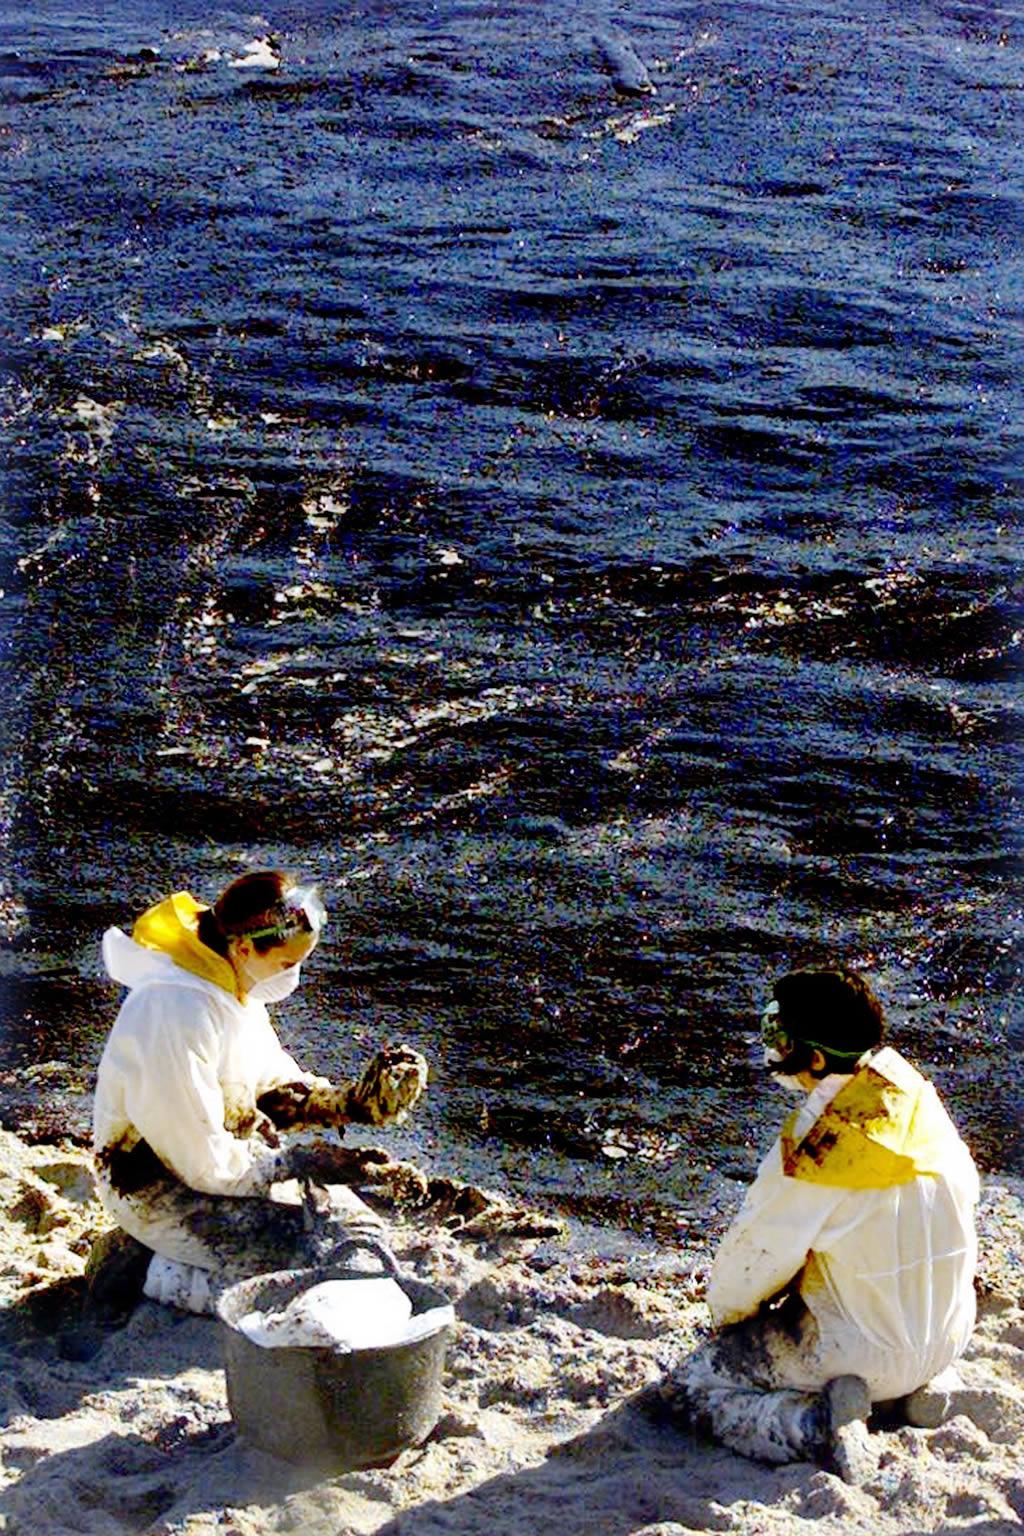 10/12/2002 <br> Dos volutarios limpian el fuel que llegó a las costas de Ons <br>Óscar Vázquez